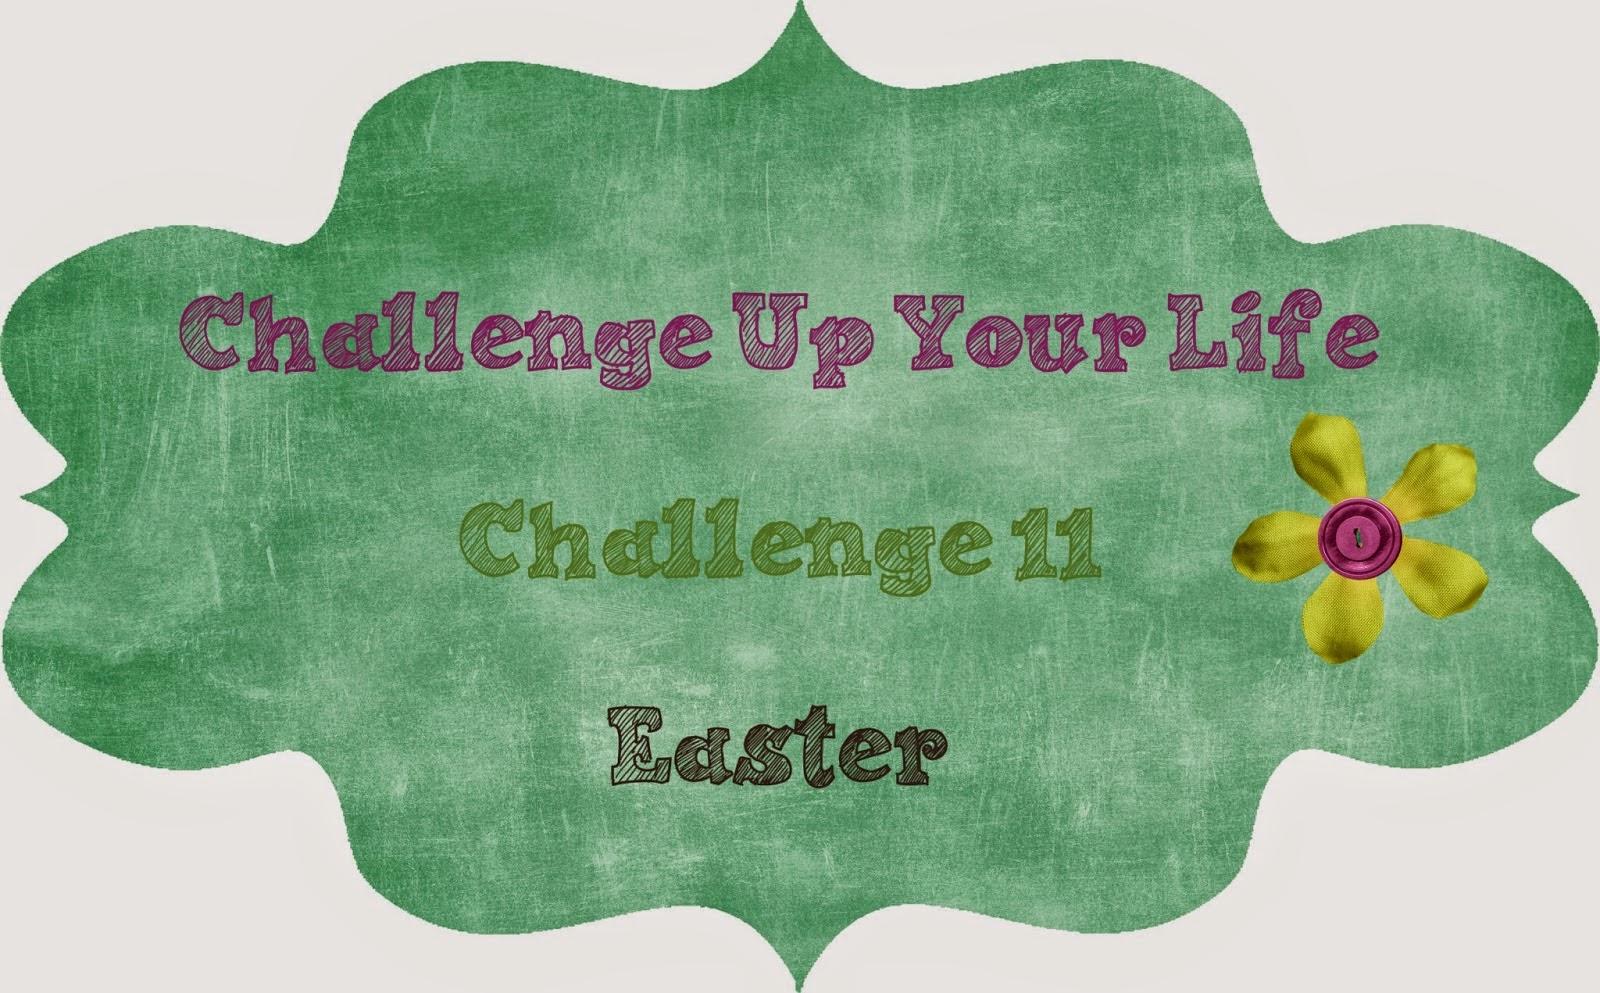 http://challengeupyourlife.blogspot.com/2015/03/challenge-11-easter.html